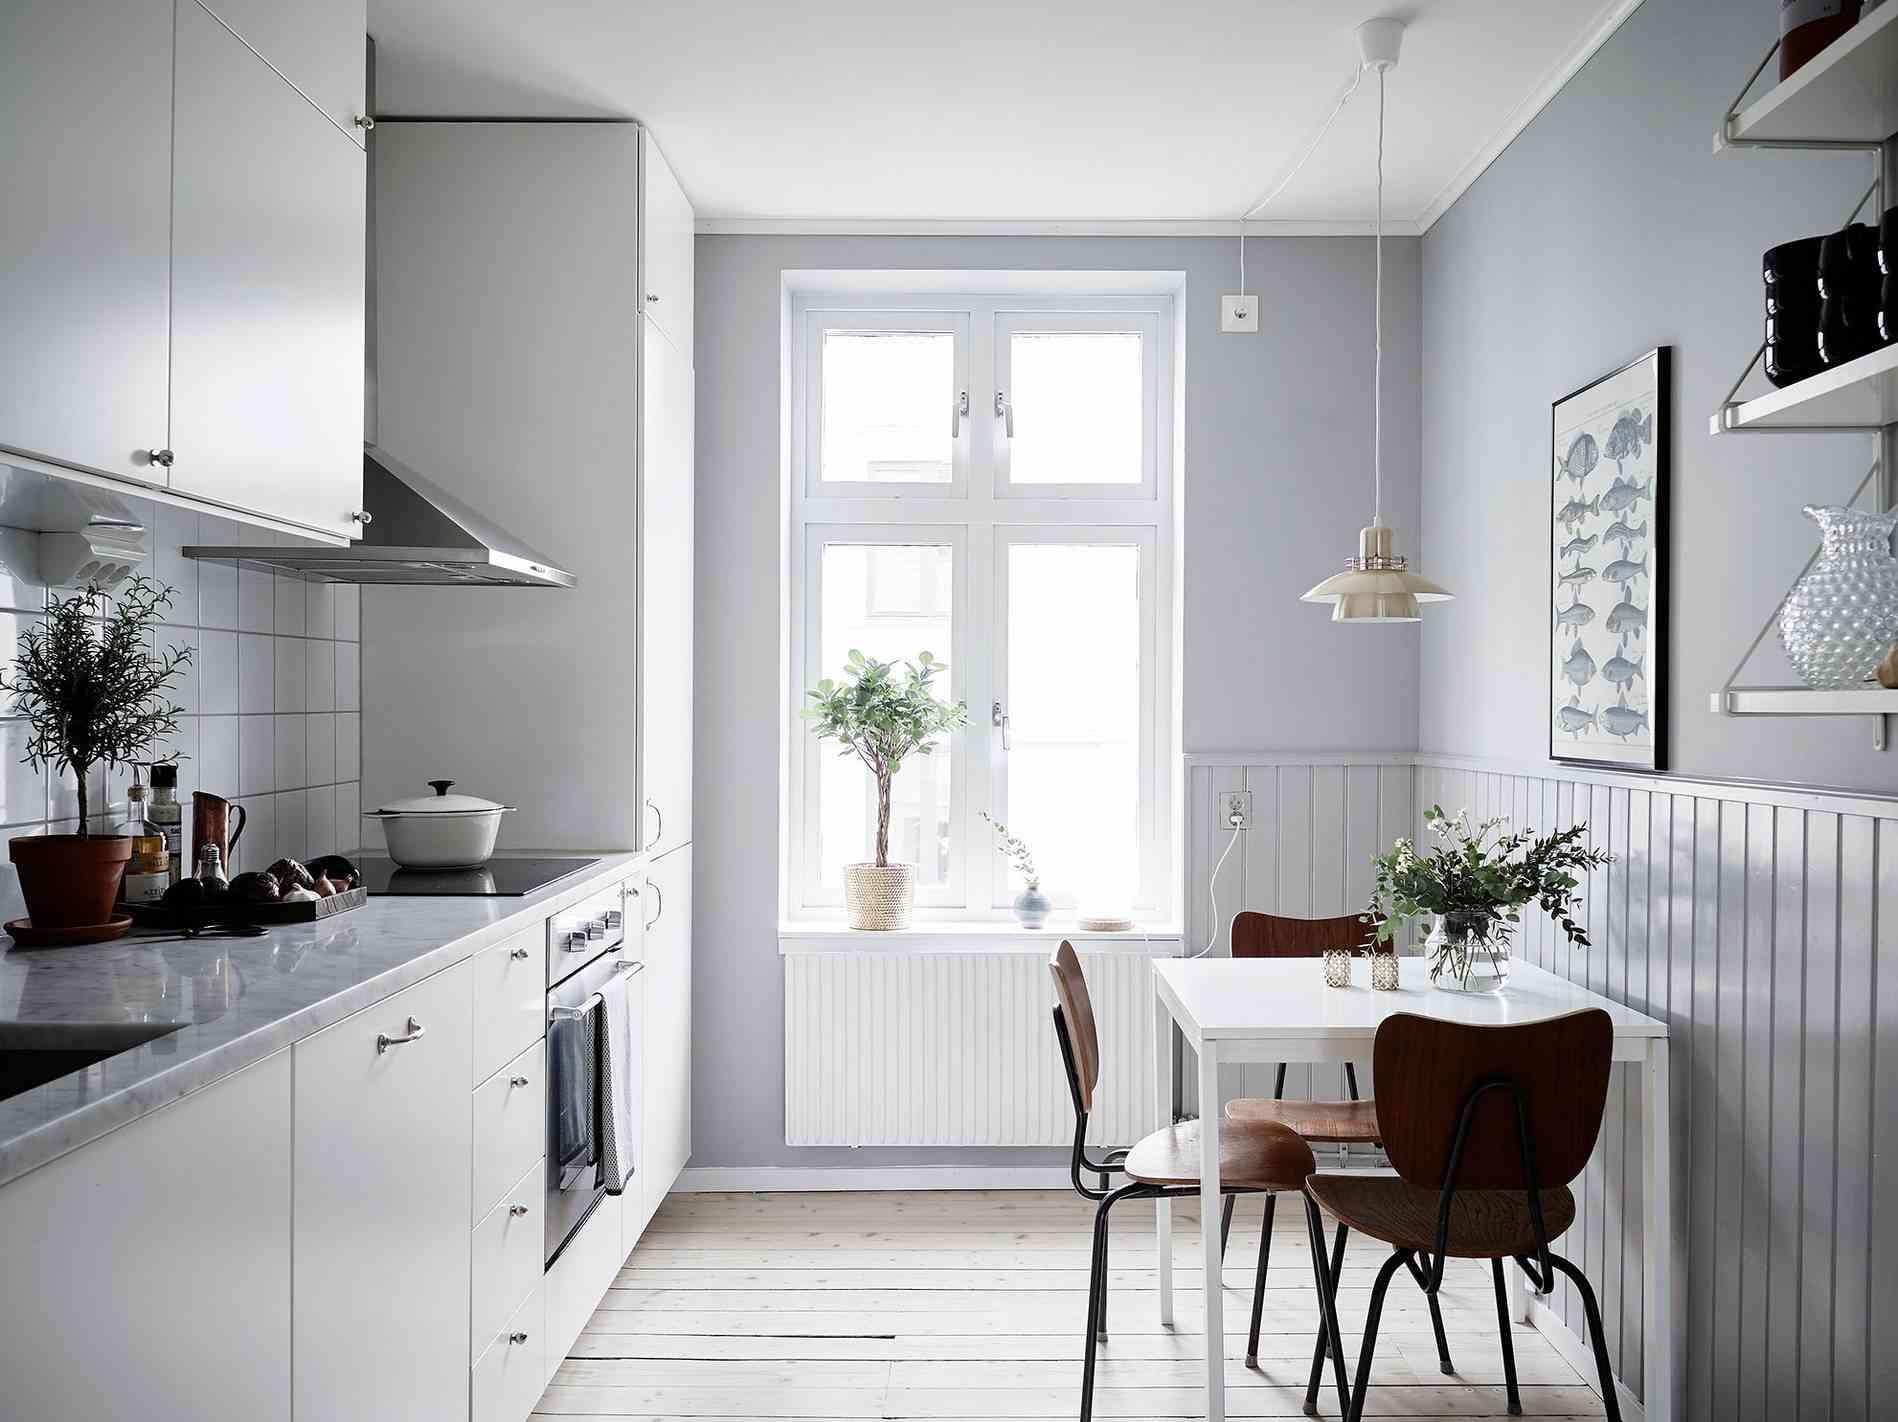 apartamento de estilo nordico IV